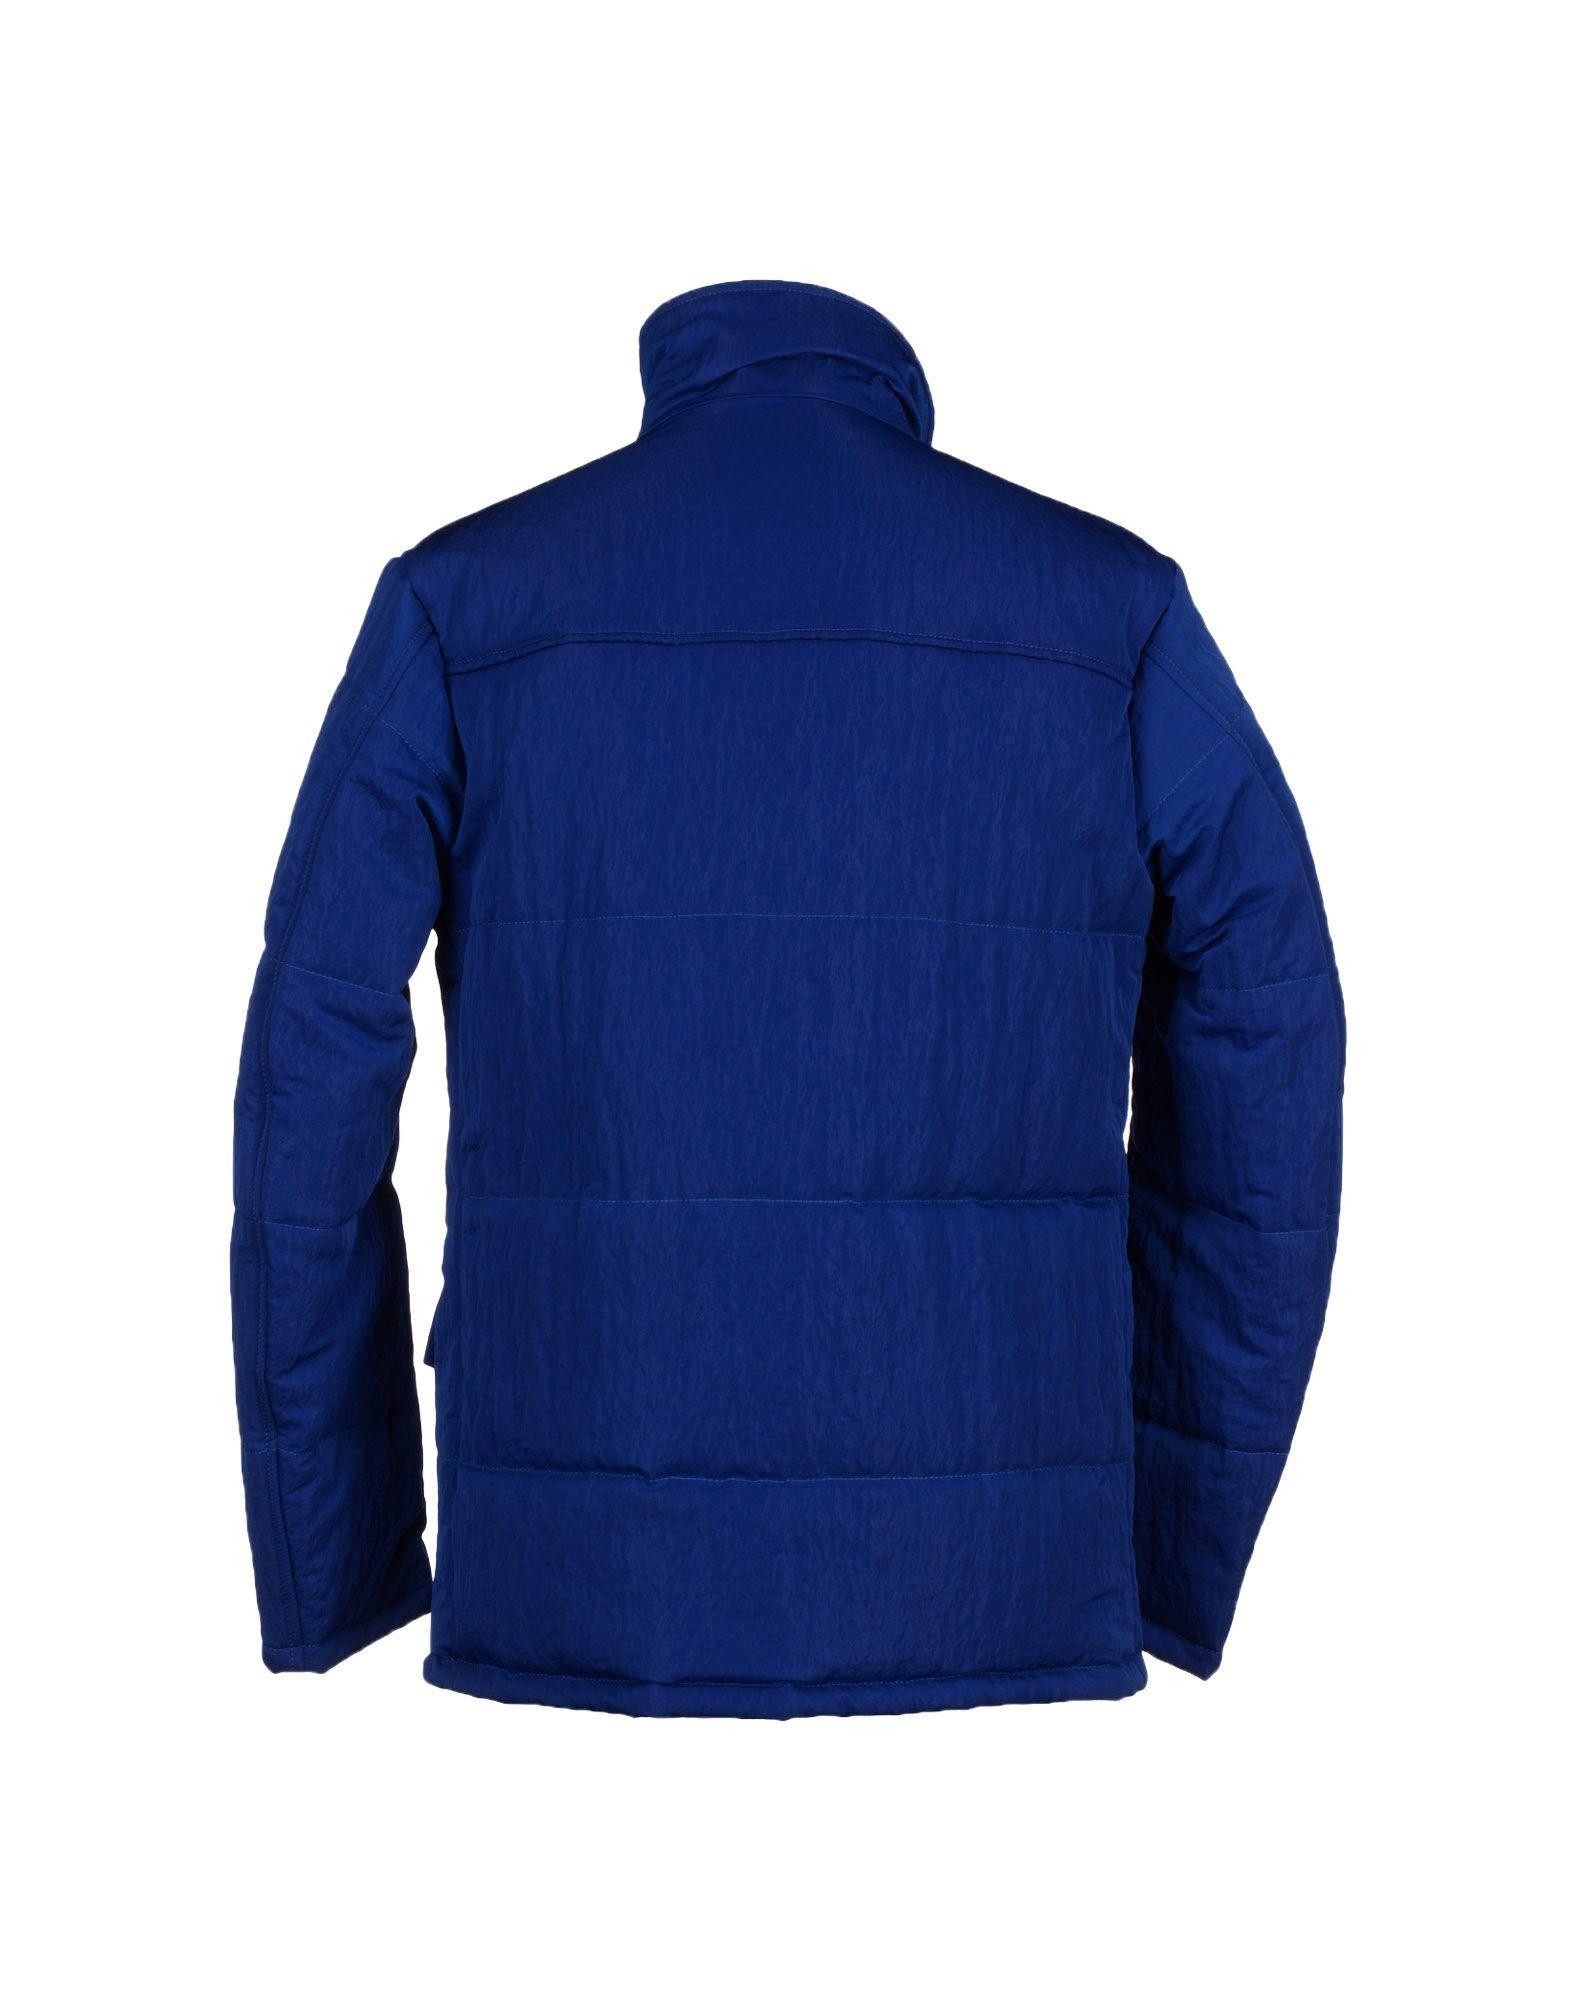 harmont and blaine jacket - photo #8